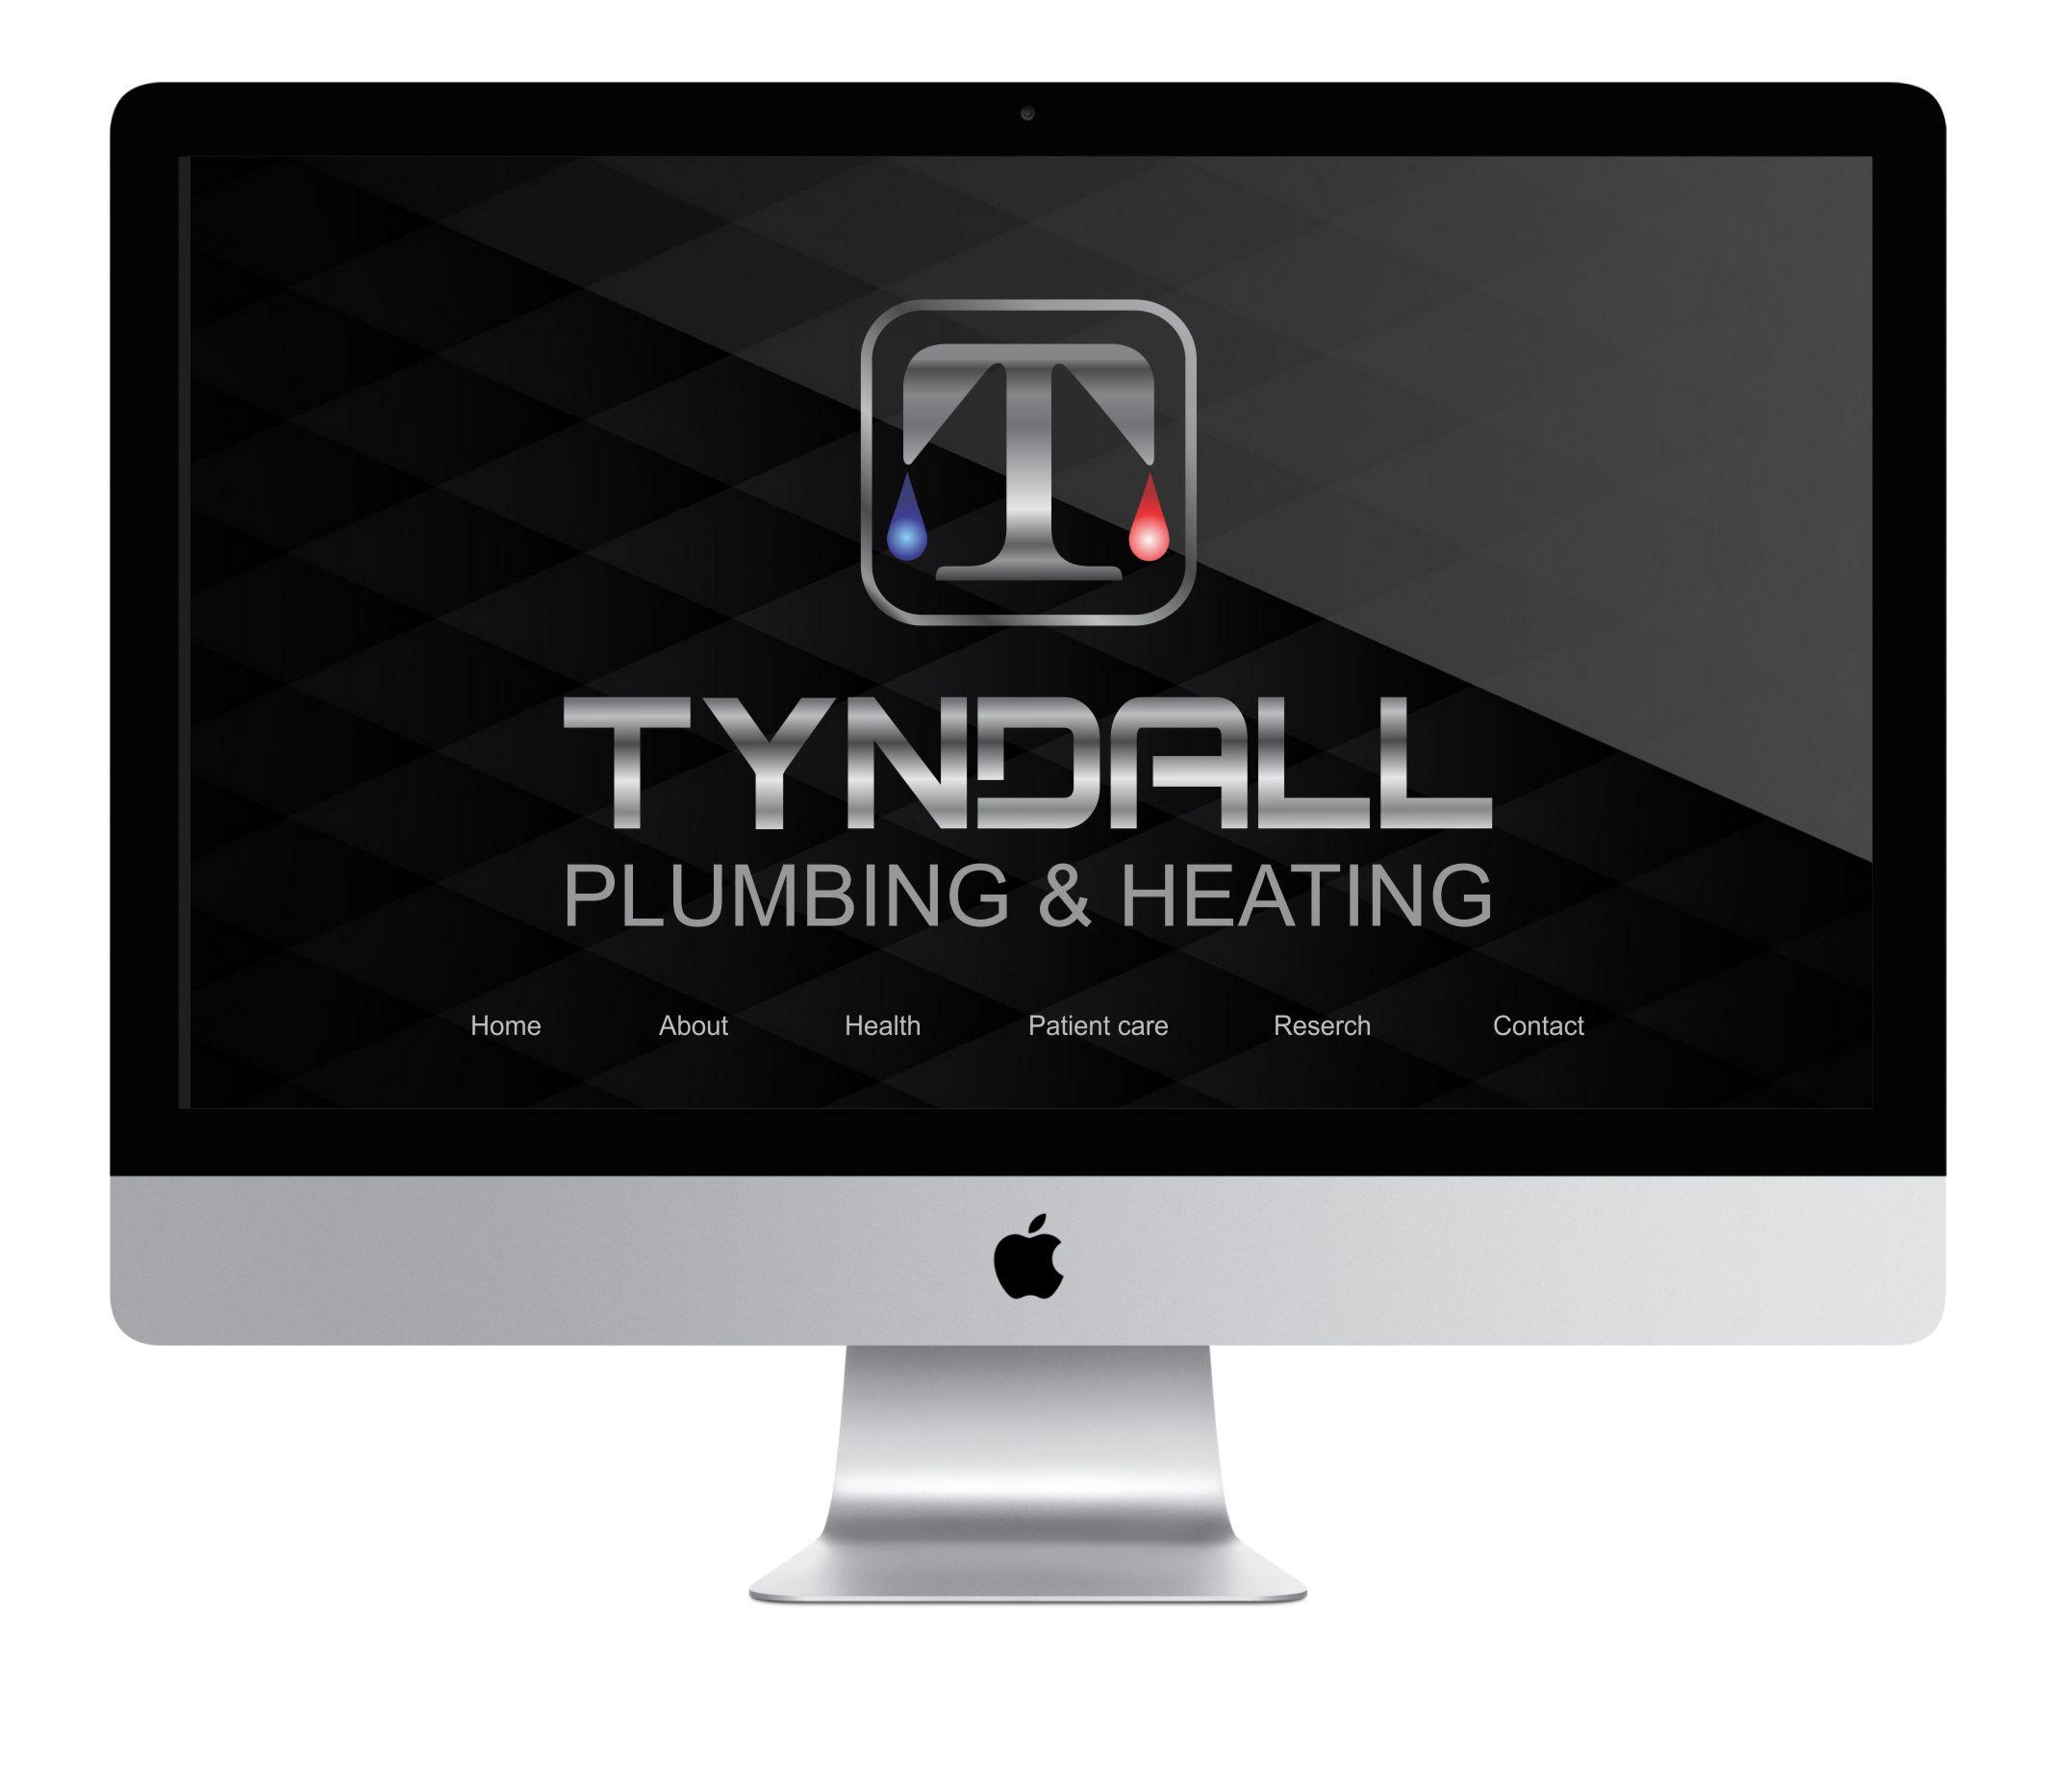 Logo Design by Nikola Kapunac - Entry No. 156 in the Logo Design Contest Imaginative Logo Design for Tyndall Plumbing & Heating.